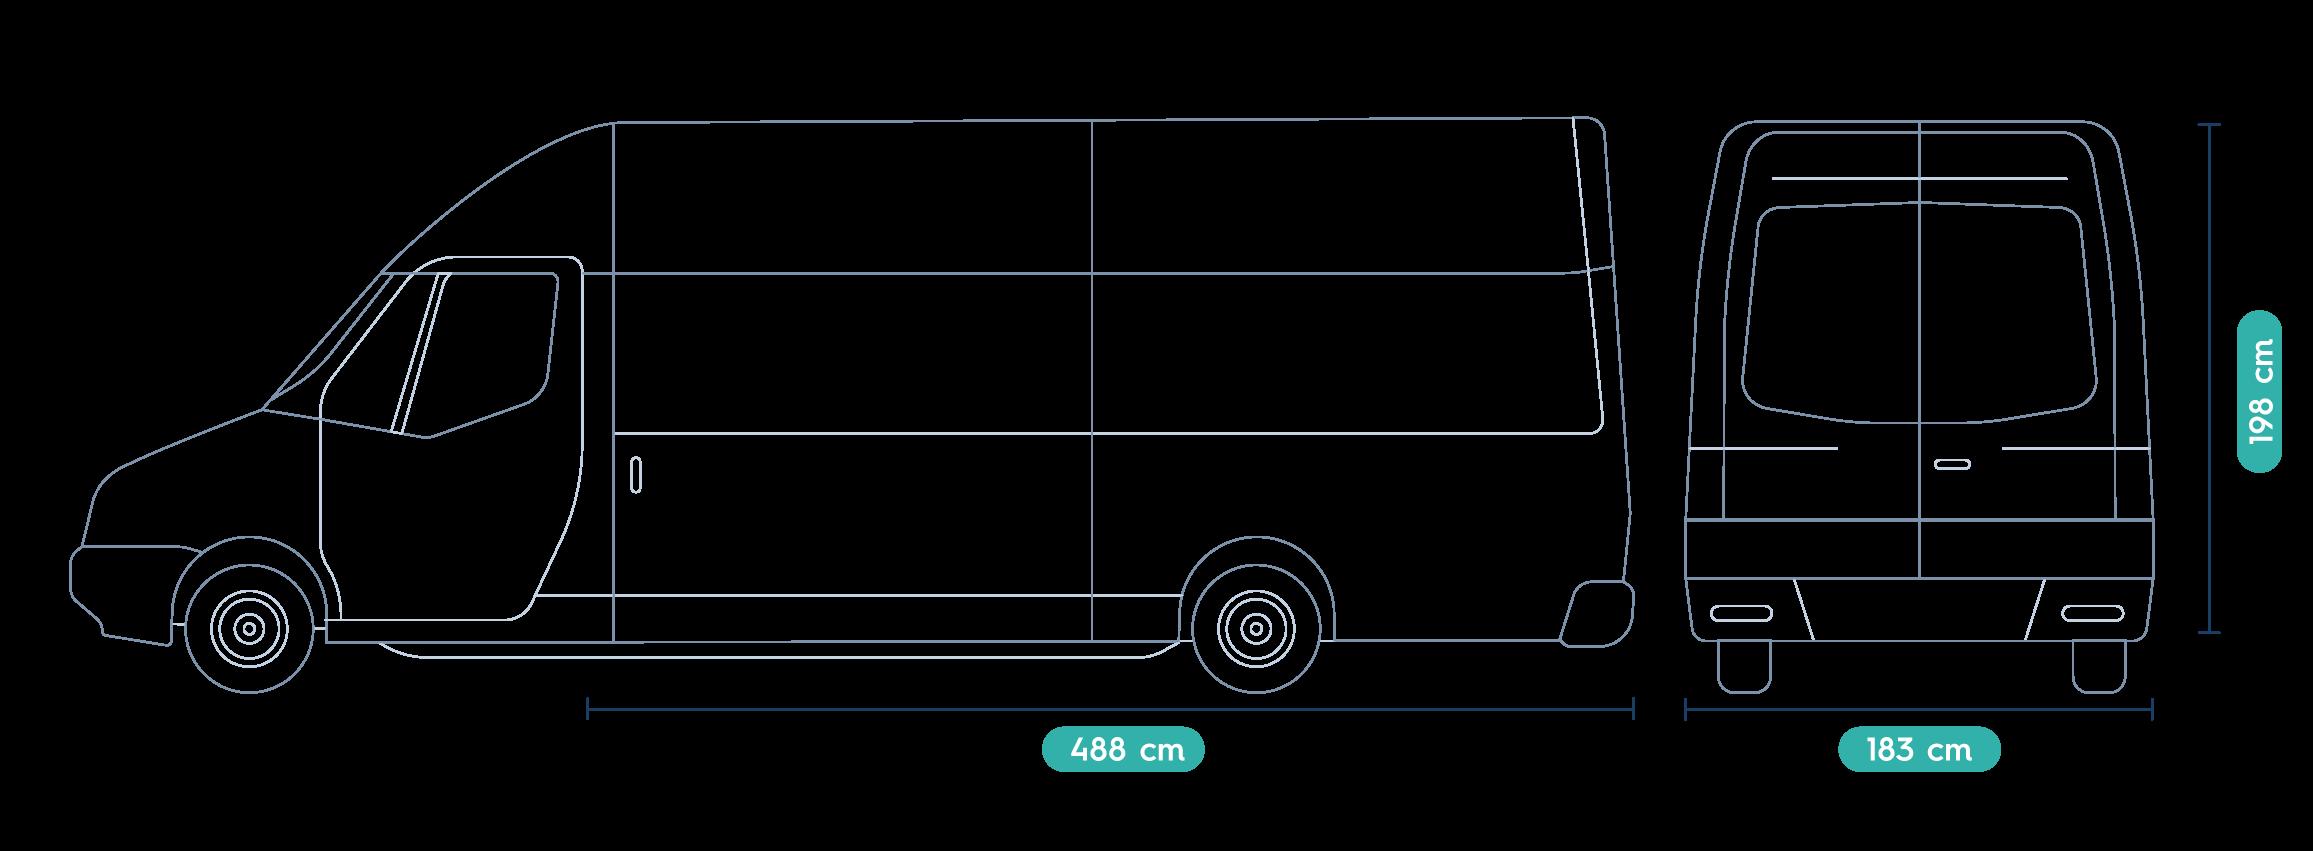 jbg-trans-truck_02@2x